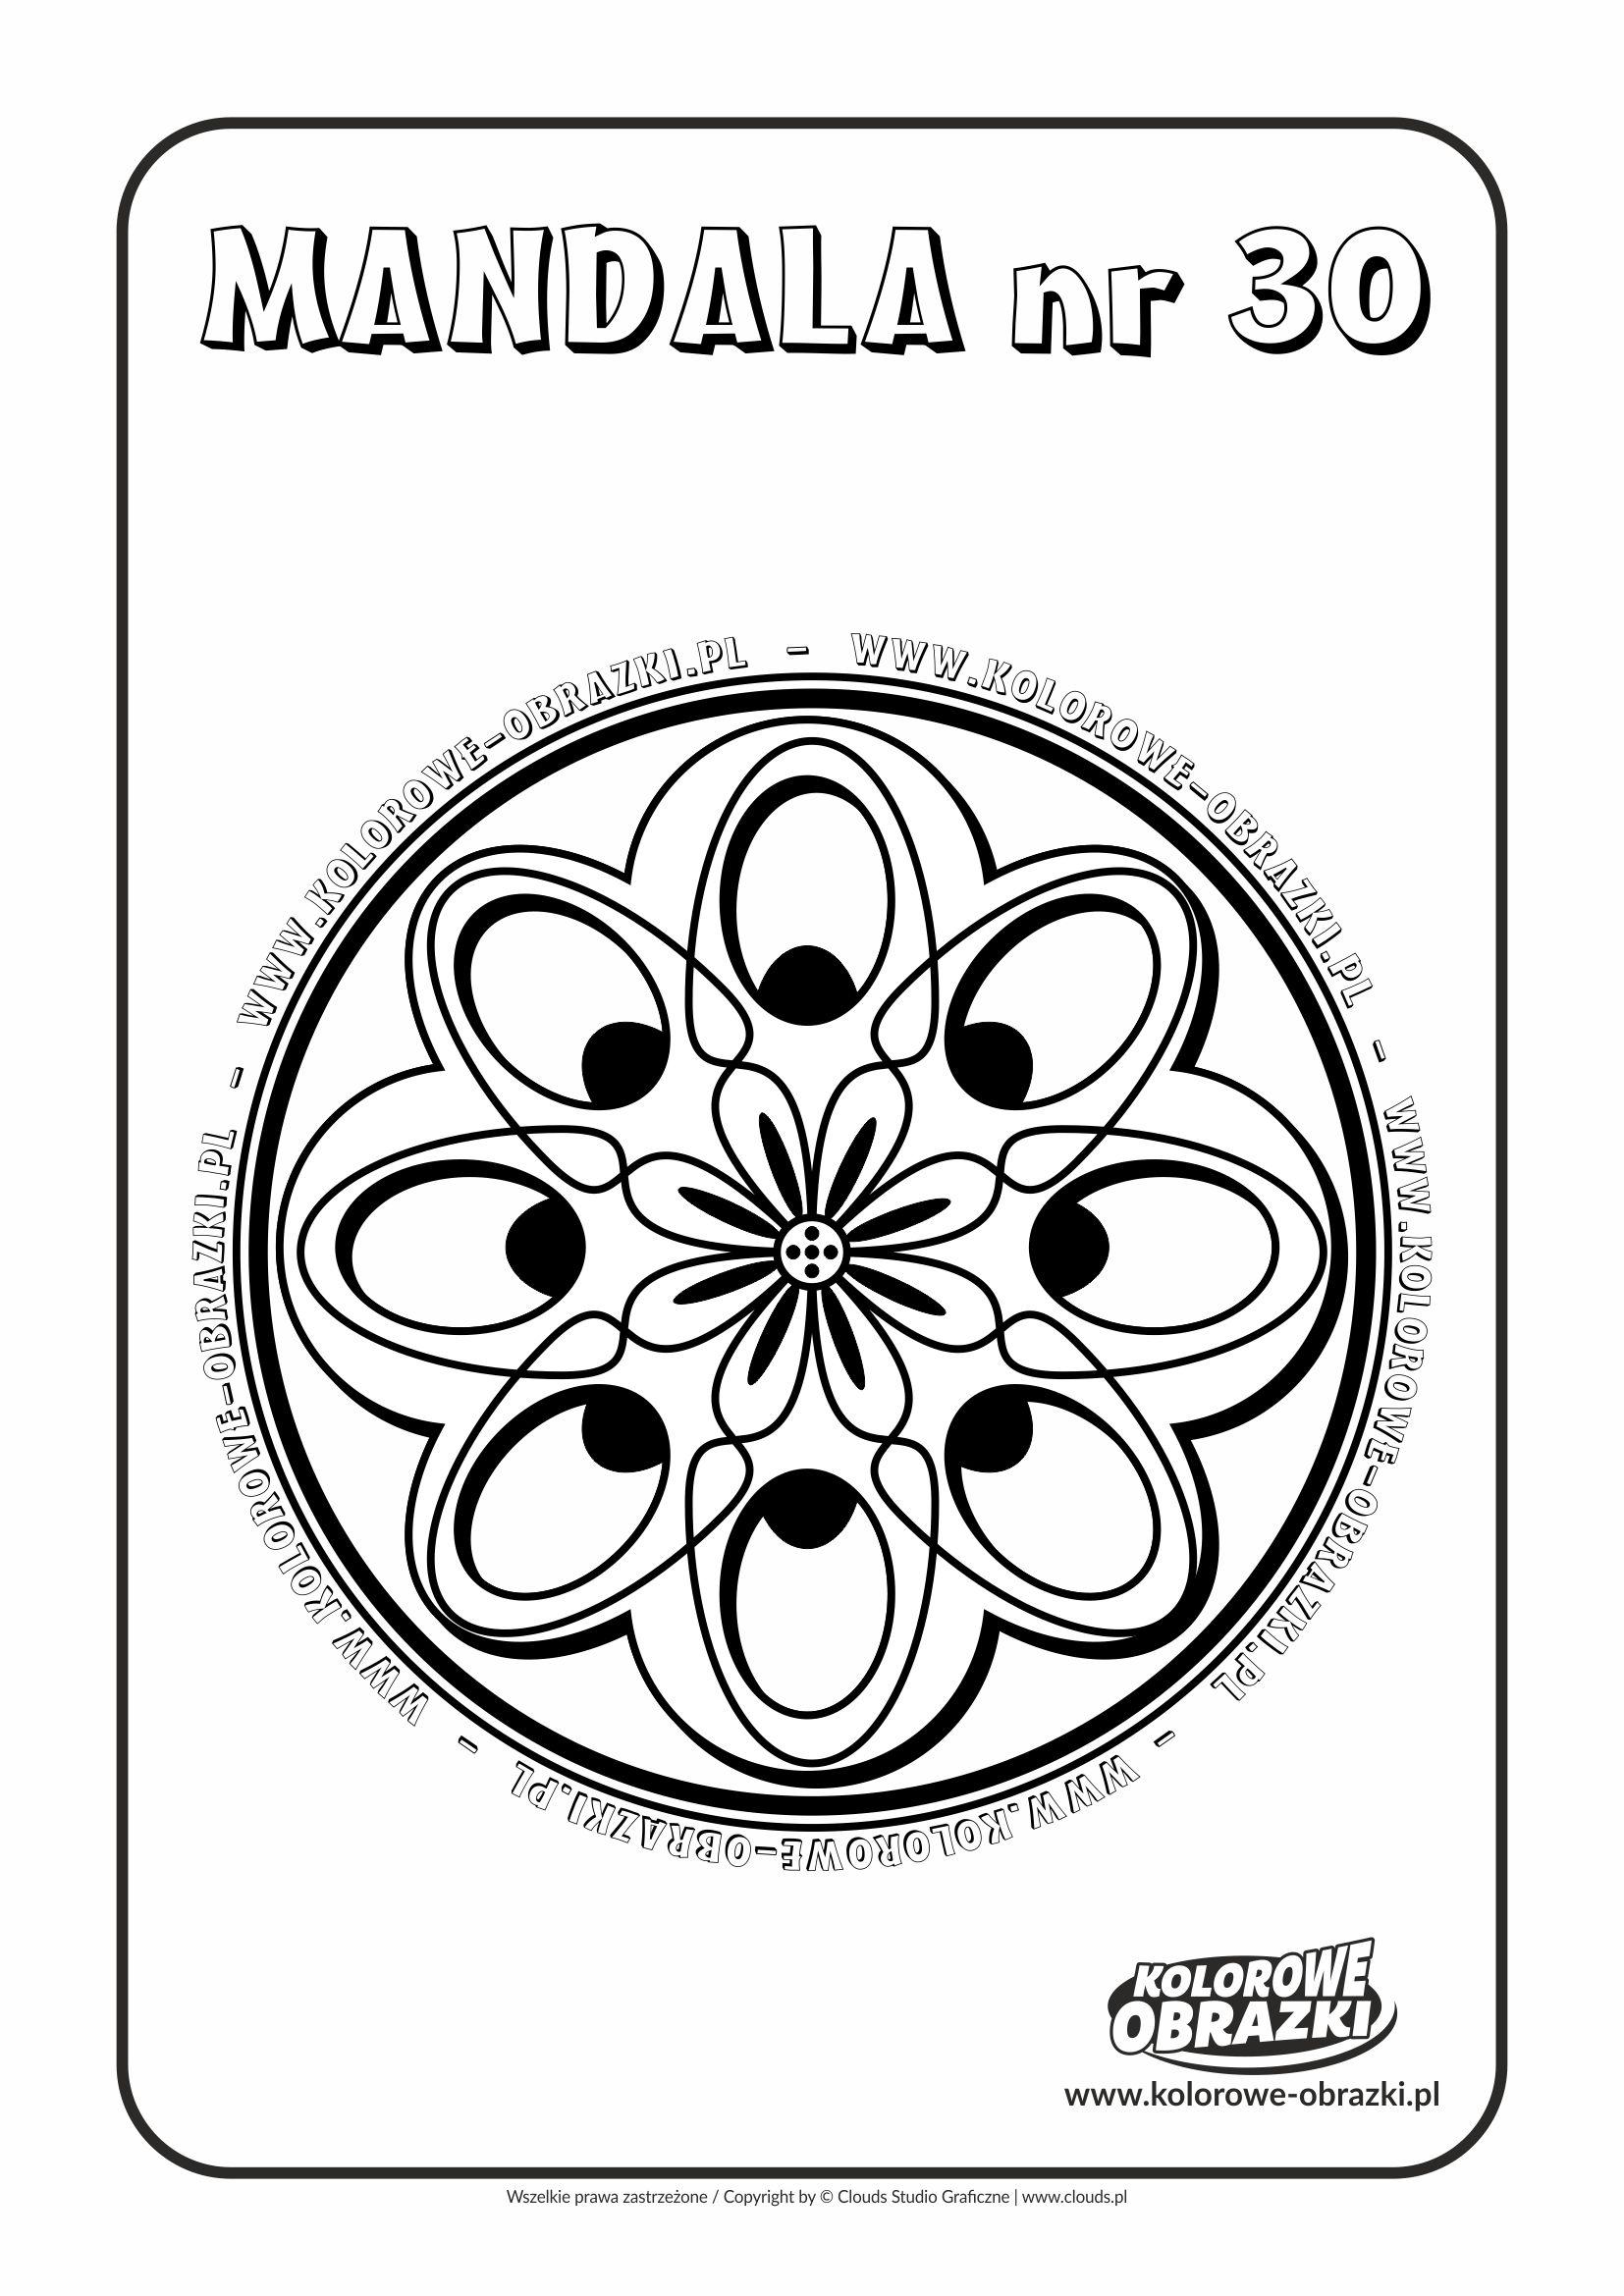 Kolorowanki dla dzieci - Mandale / Mandala nr 30. Kolorowanka z mandalą